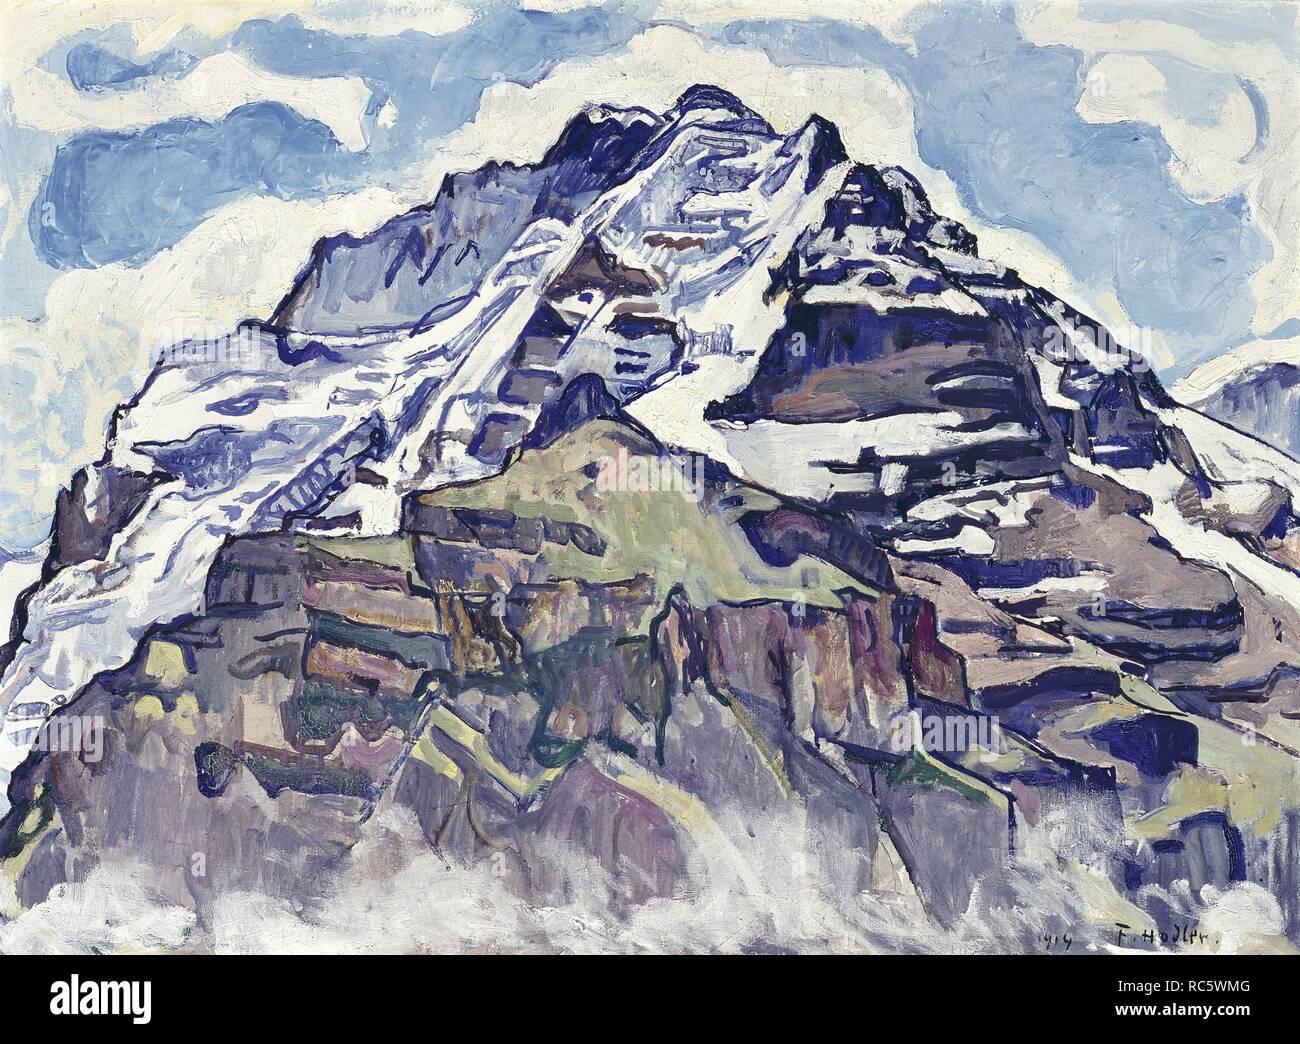 El Jungfrau, visto desde Muerren. Museo: Musée d'art et d'histoire, Genf. Autor: Ferdinand Hodler. Foto de stock